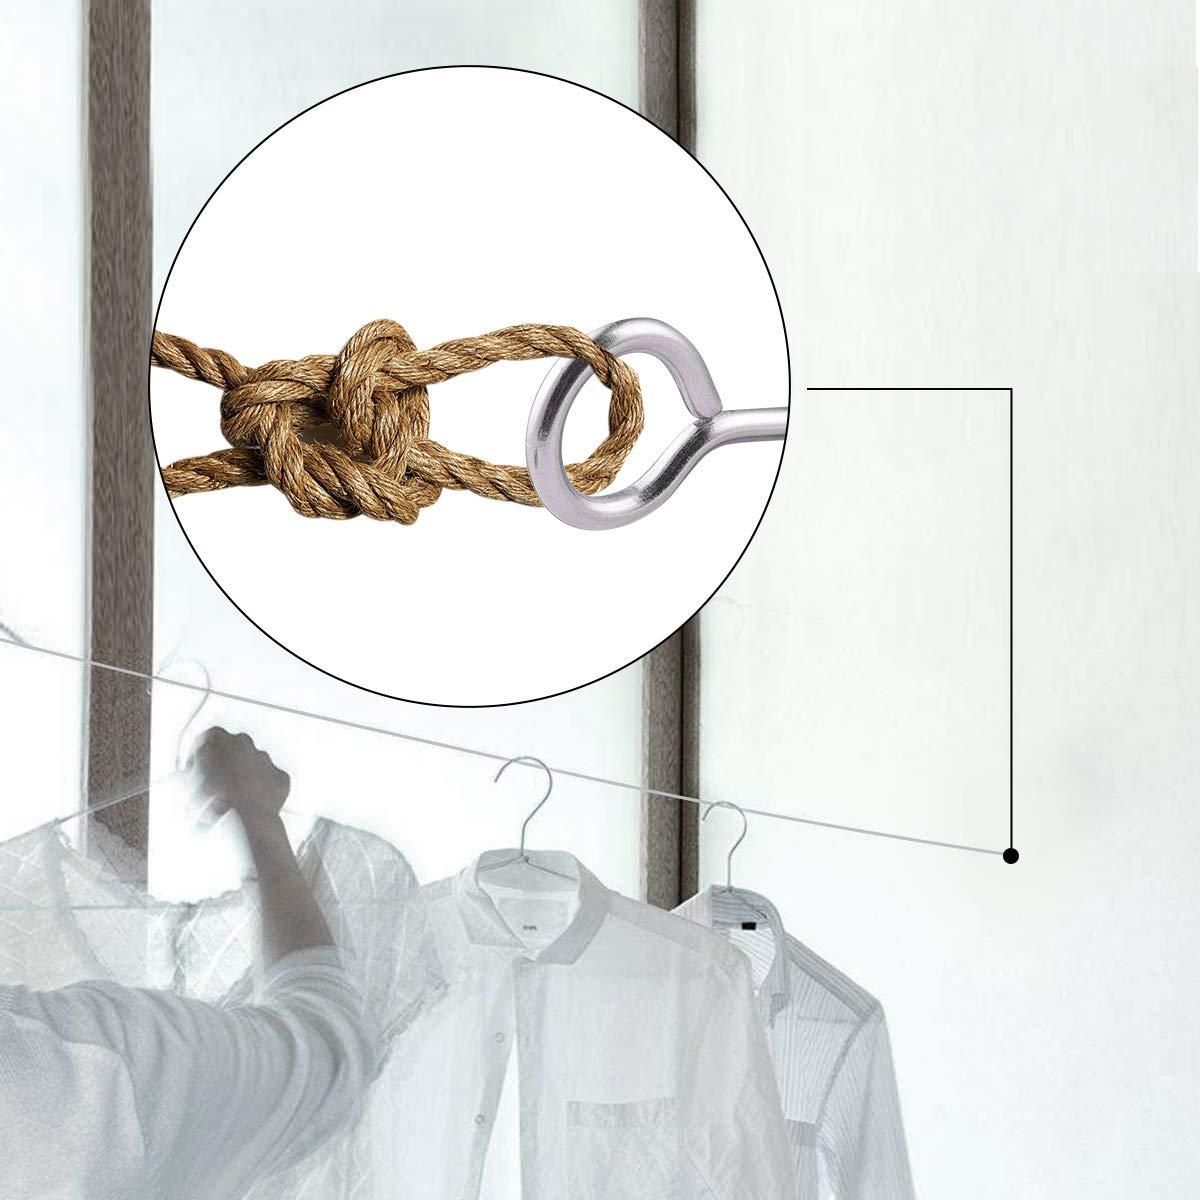 Cercle de mouton M3//M4//M5 Loscrew 15 pi/èces - Vis autotaraudeuse /à vis Vis autotaraudeuses Anneau de serrage /à la main